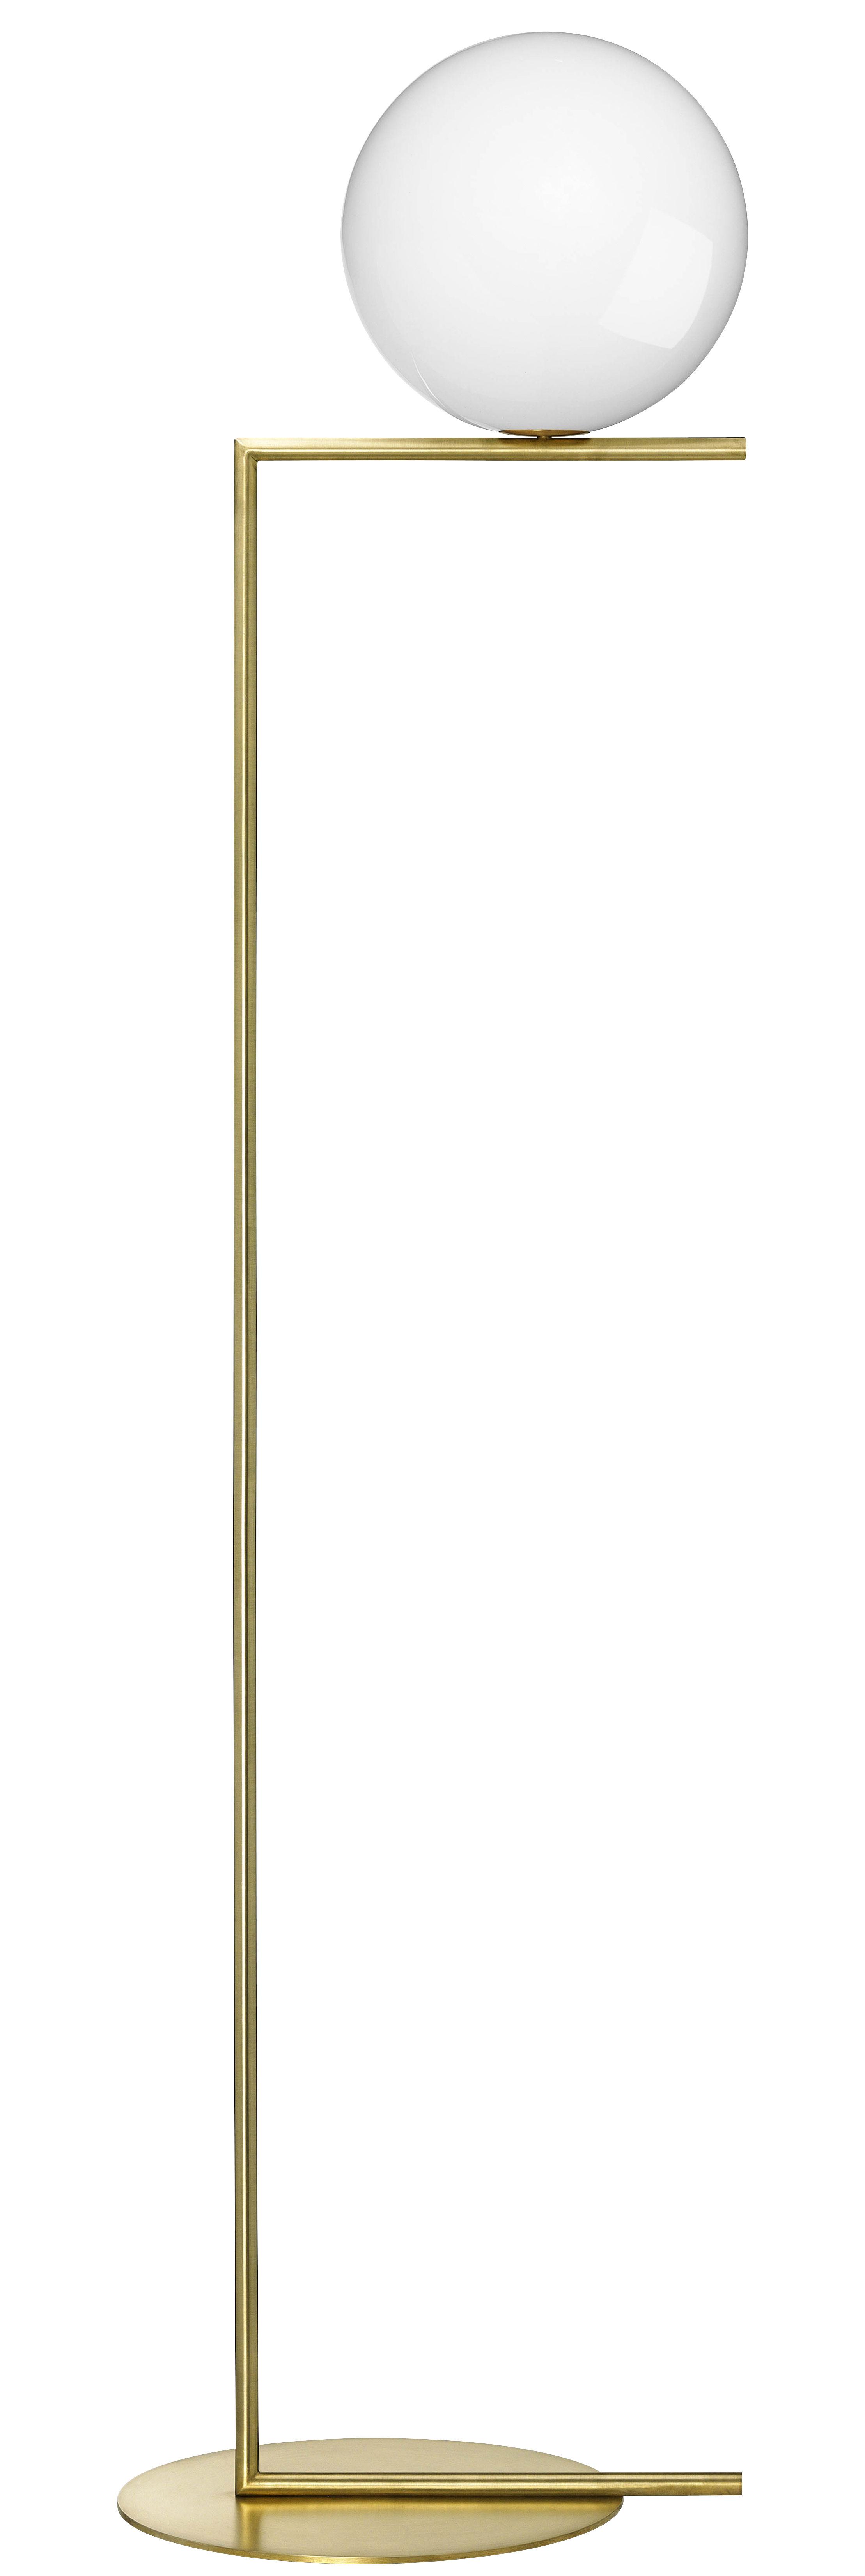 Illuminazione - Lampade da terra - Lampada a stelo IC F2 - / H 185,2 cm di Flos - Ottone - Acciaio, vetro soffiato